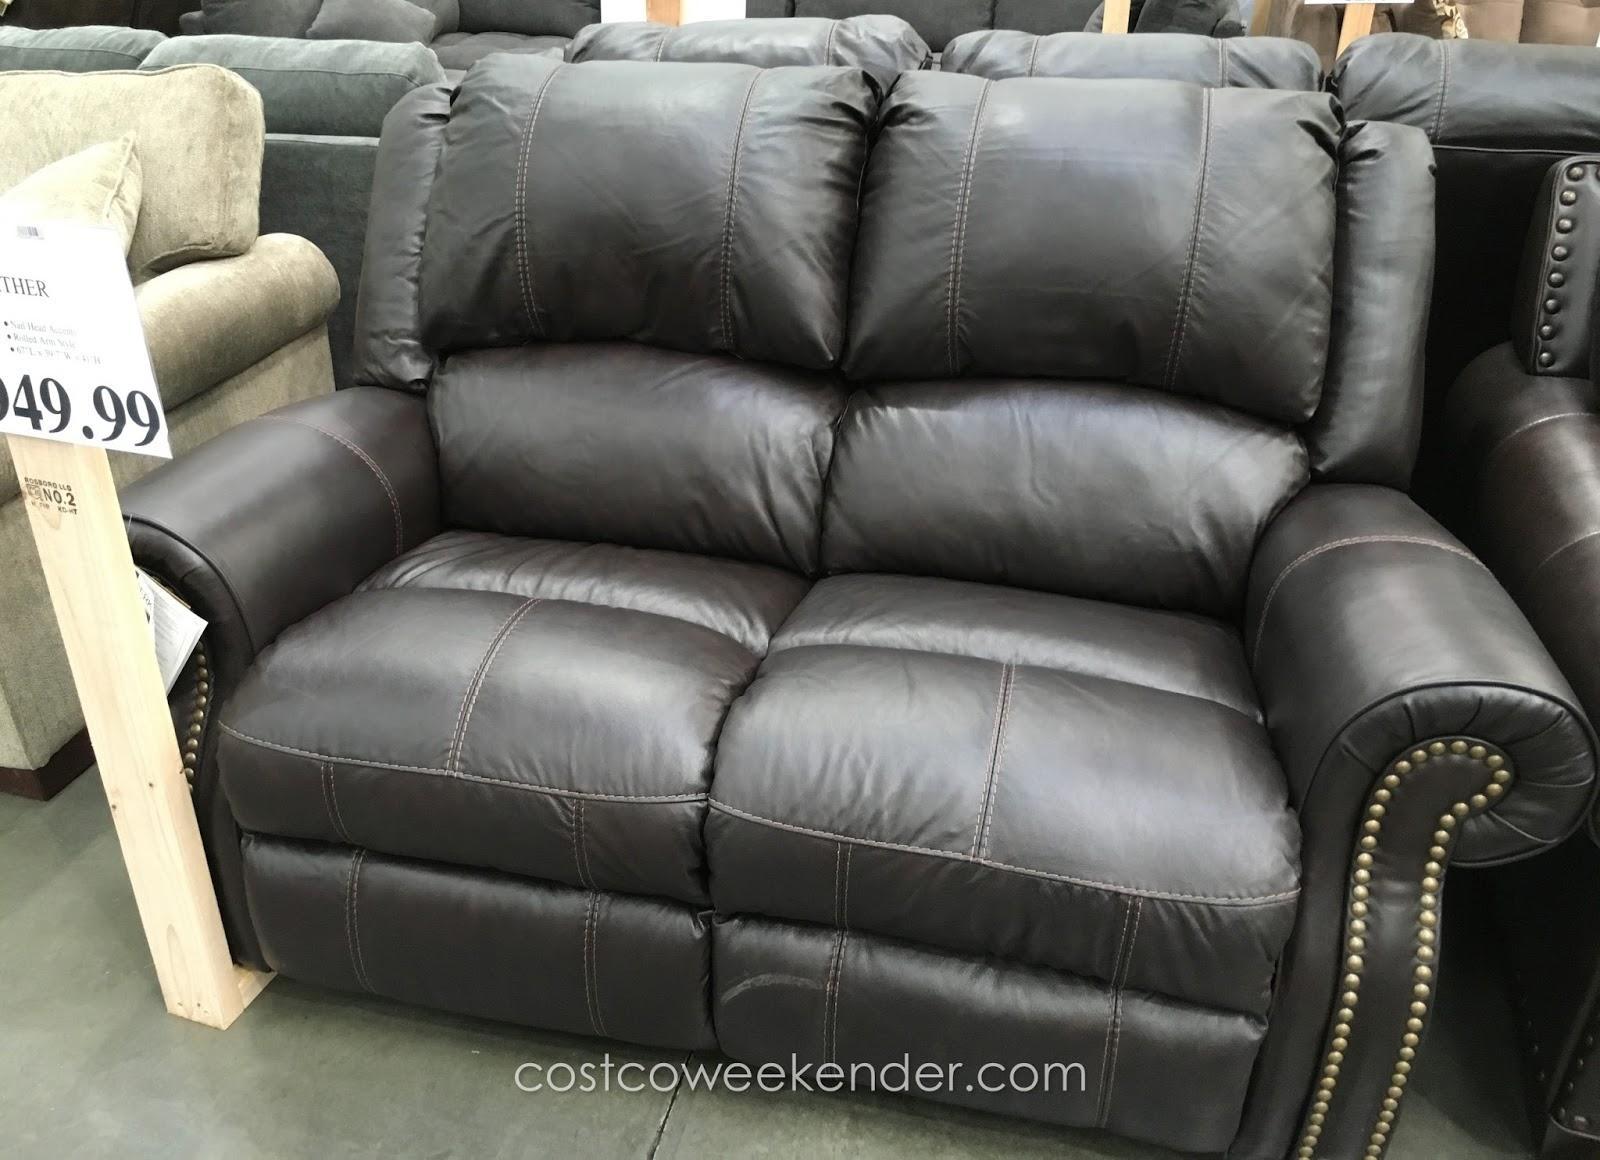 20 Inspirations Berkline Sofas Sofa Ideas